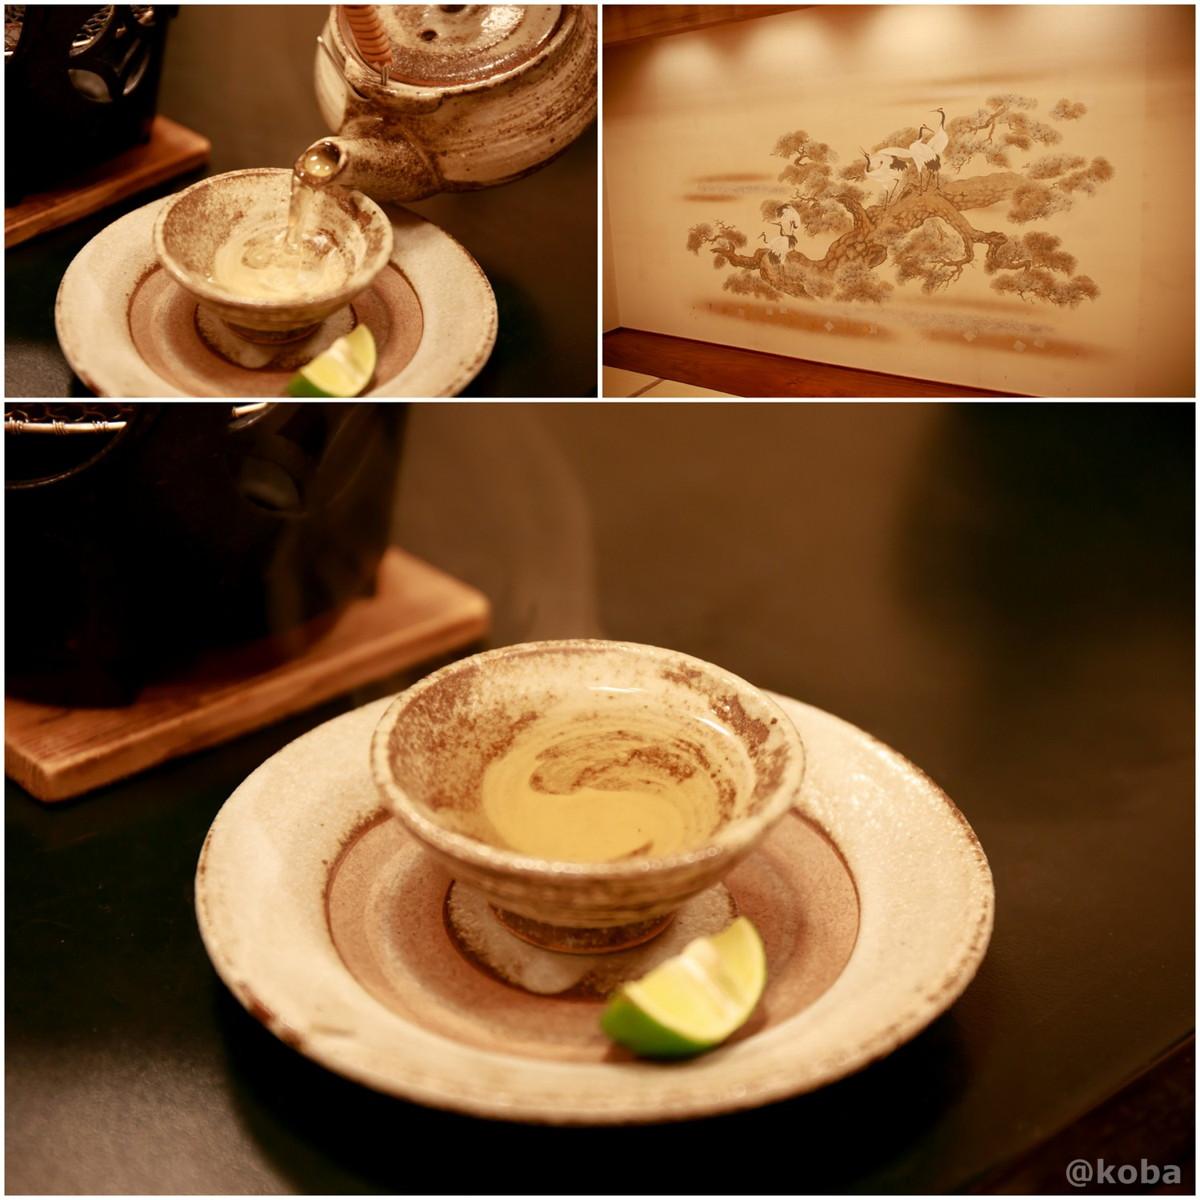 舞茸の土瓶蒸しの写真│たんげ温泉 美郷館(みさとかん)│群馬県 吾妻郡